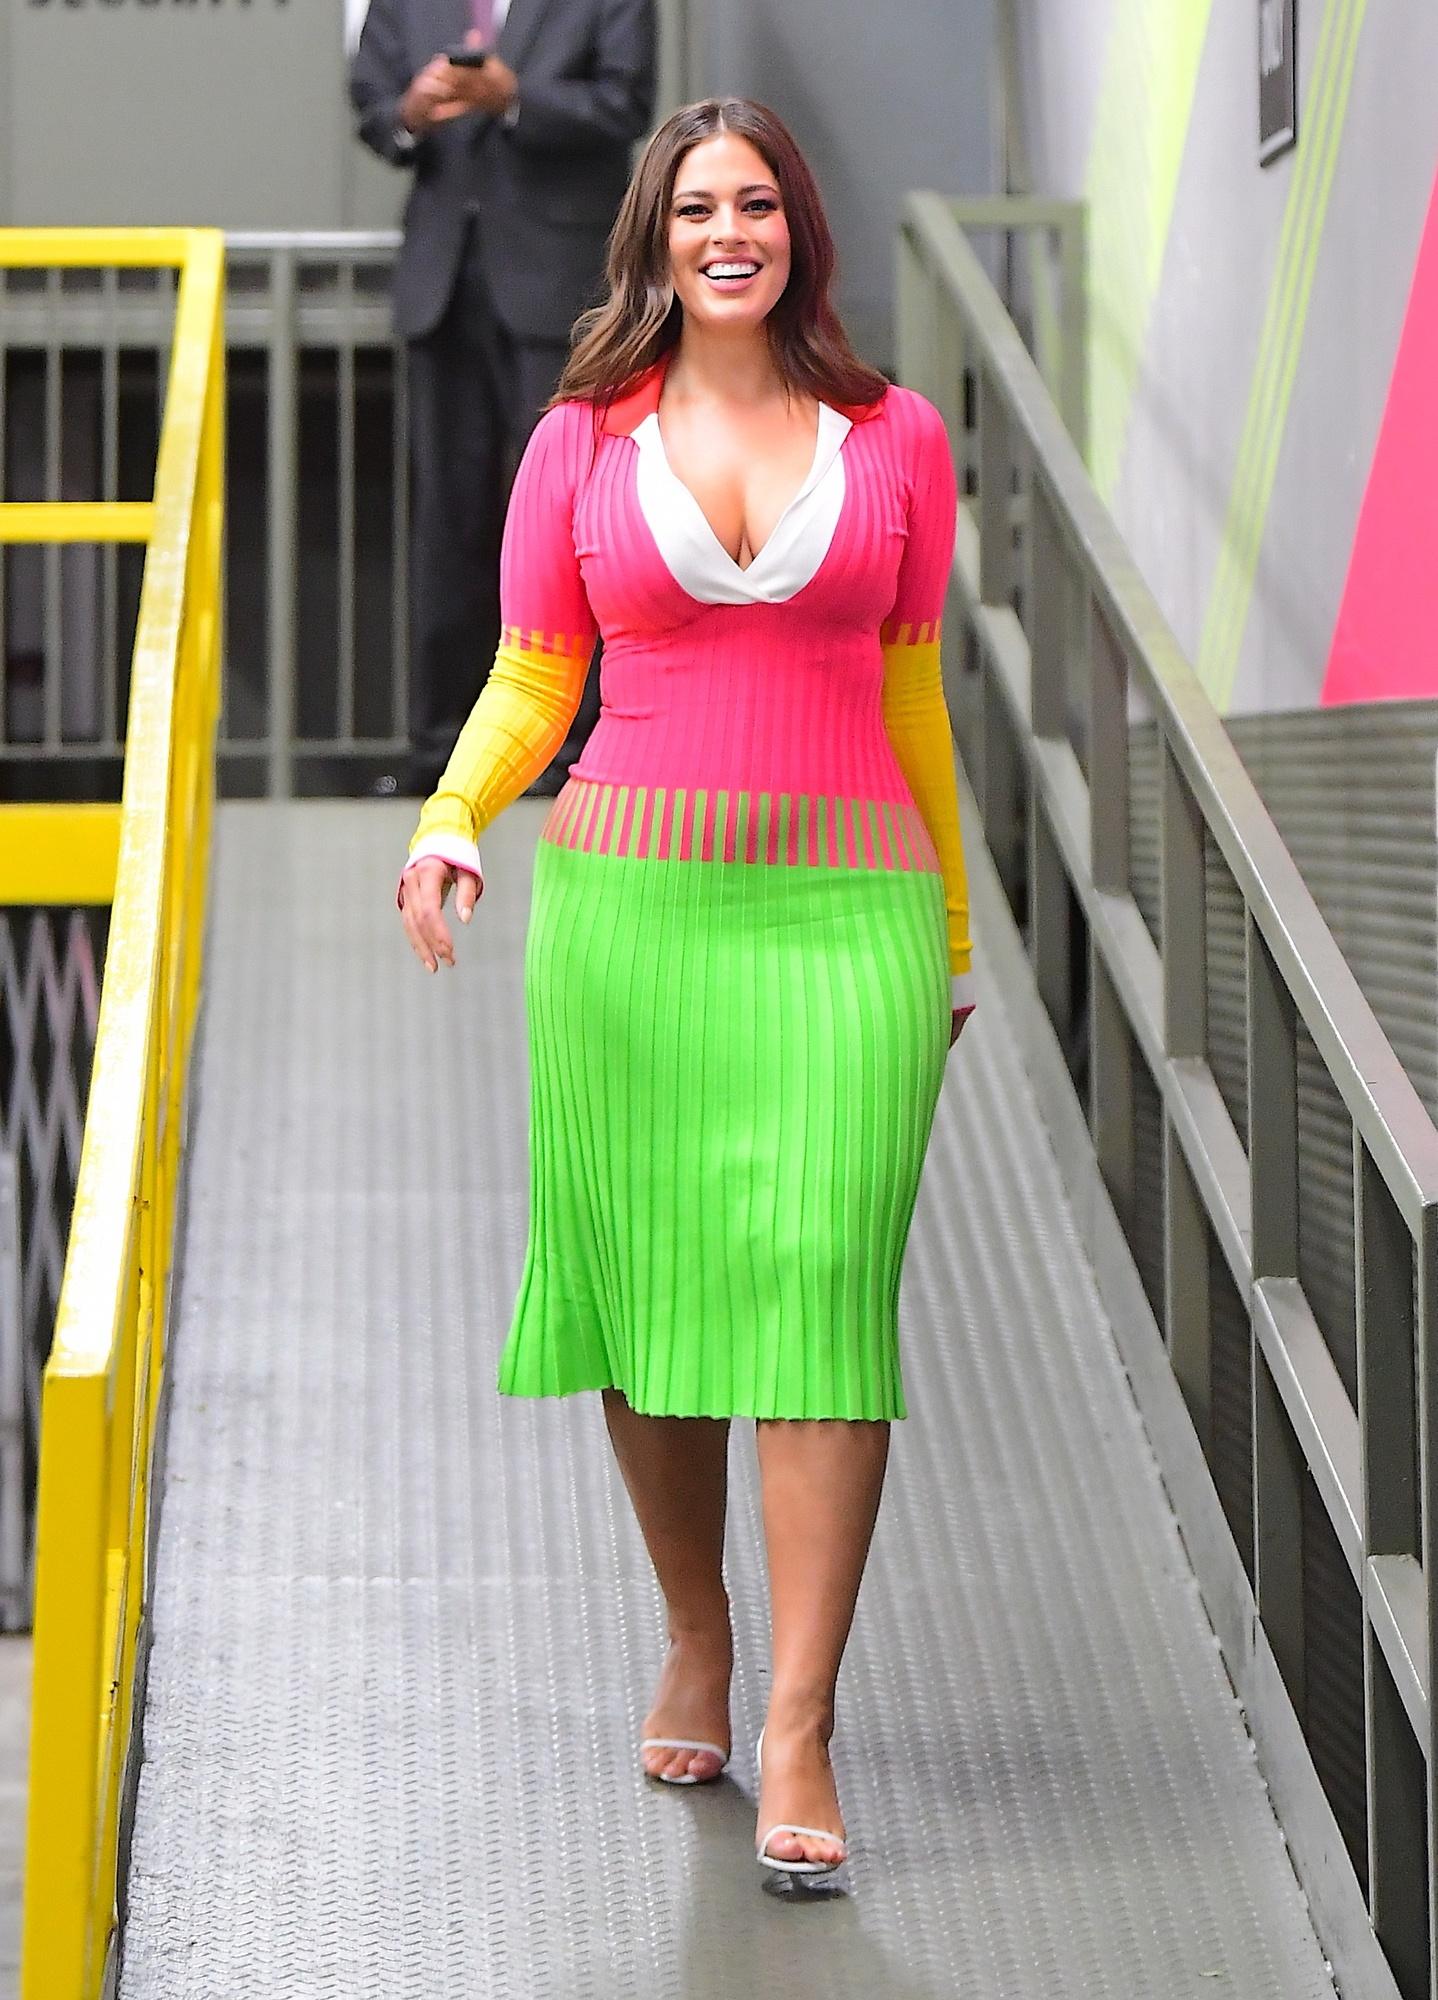 d804252ee5 Kolorowa Ashley Graham - cudownie wygląda! - Moda